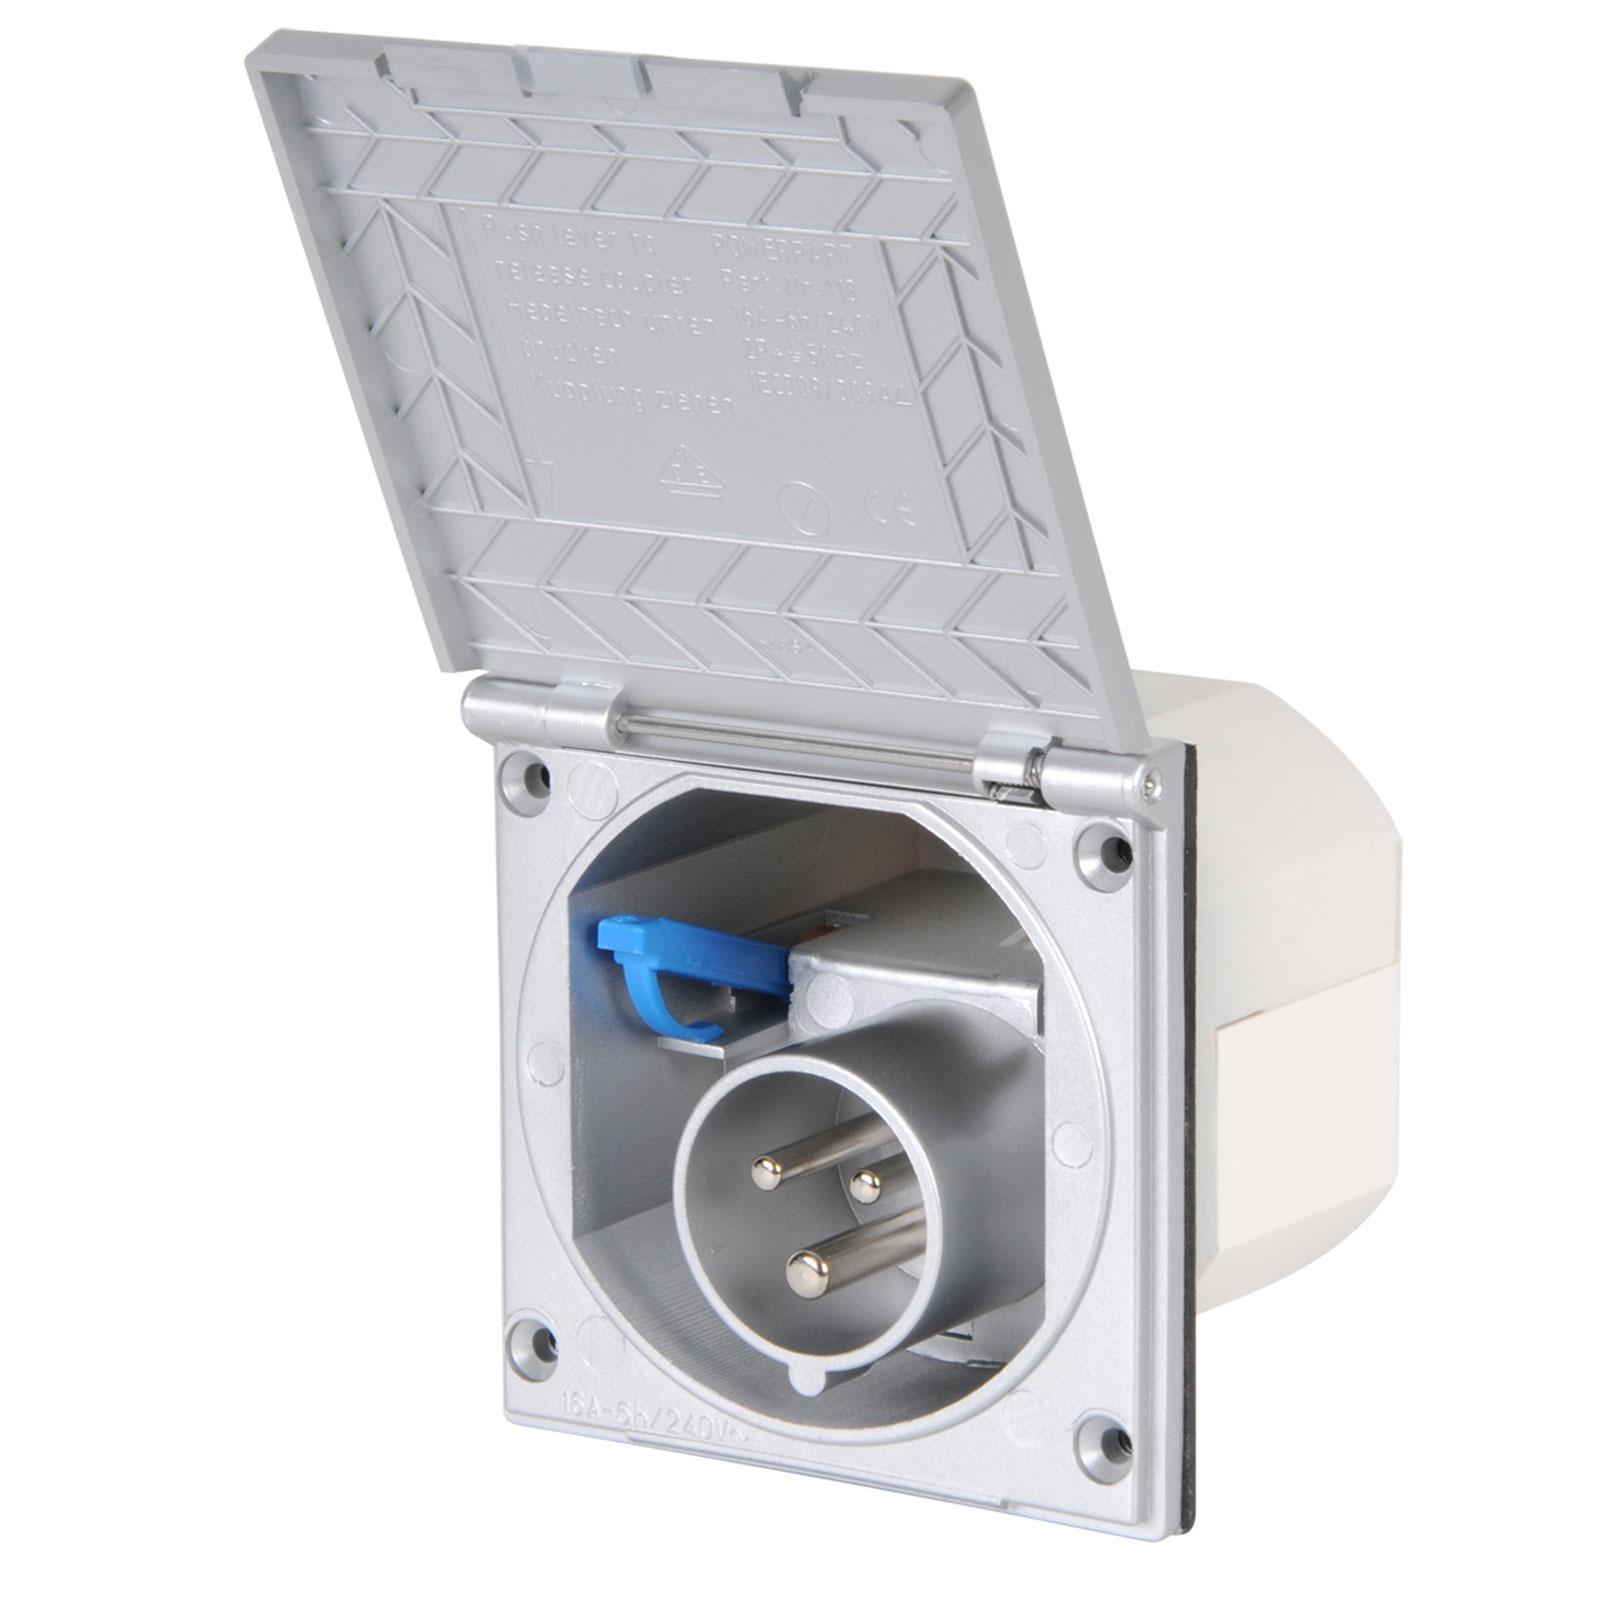 CEE Aussensteckdose Spritzwasser geschützt 200-250V 16A 3 polig silber